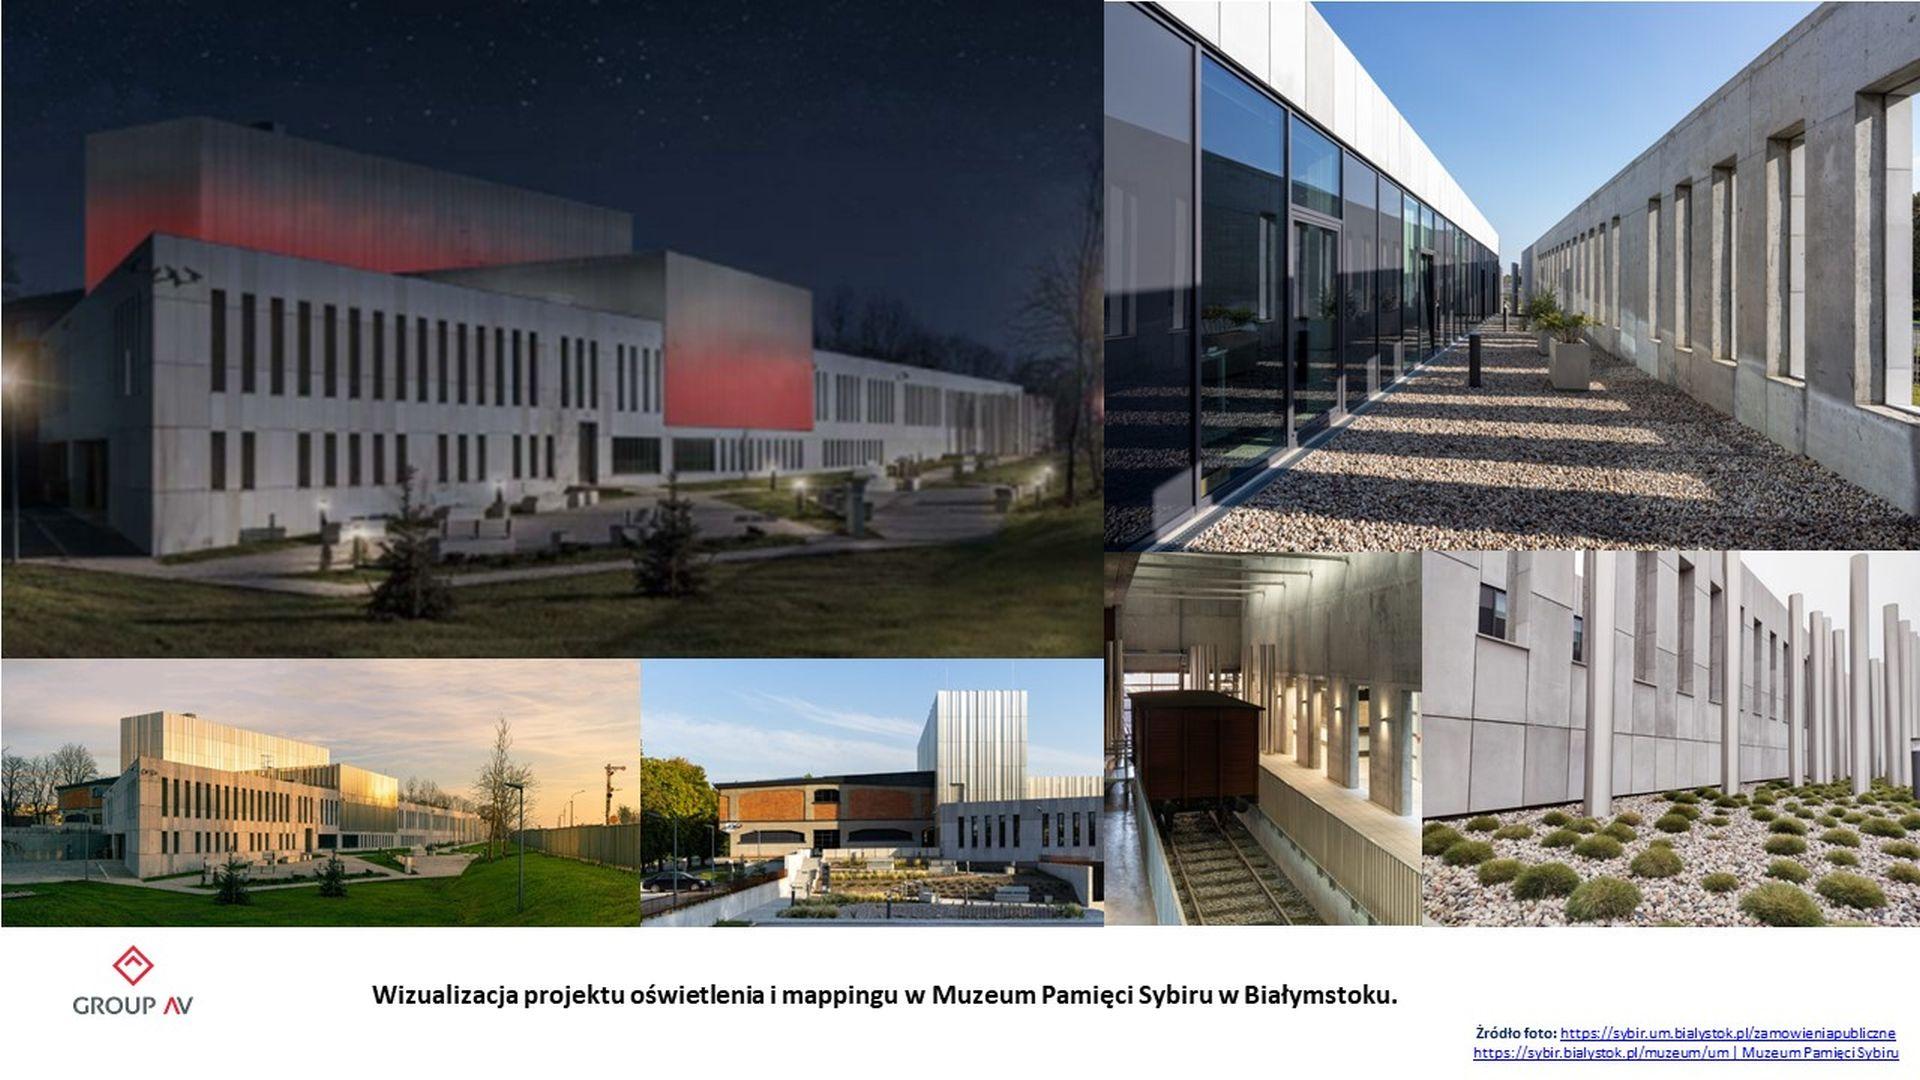 Trwają prace związane z realizacją umowy zawartej z Muzeum Pamięci Sybiru w Białymstoku.